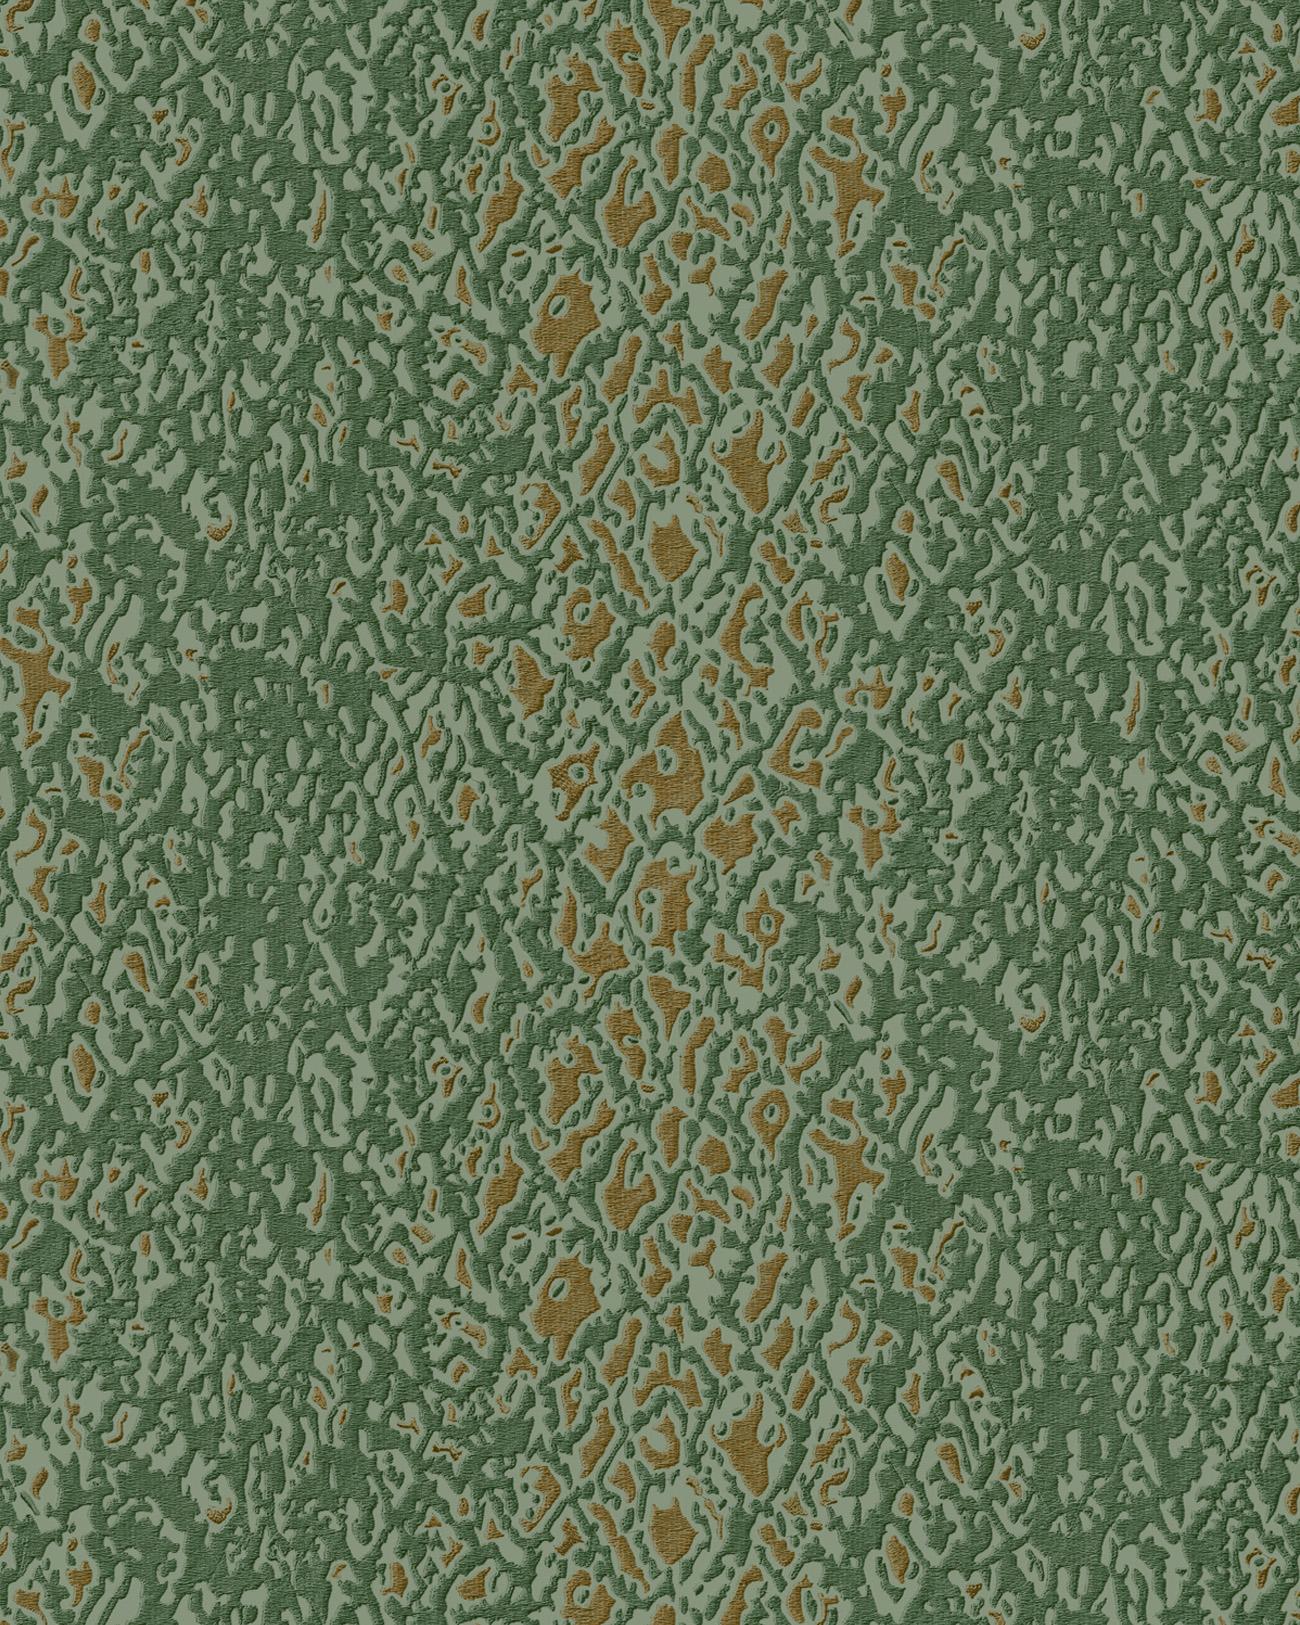 Tiermotiv Tapete Profhome De120128 Di Heissgepragte Vliestapete Gepragt Mit Schlangenmuster Glanzend Grun Gold 5 33 M2 Profhome Shop